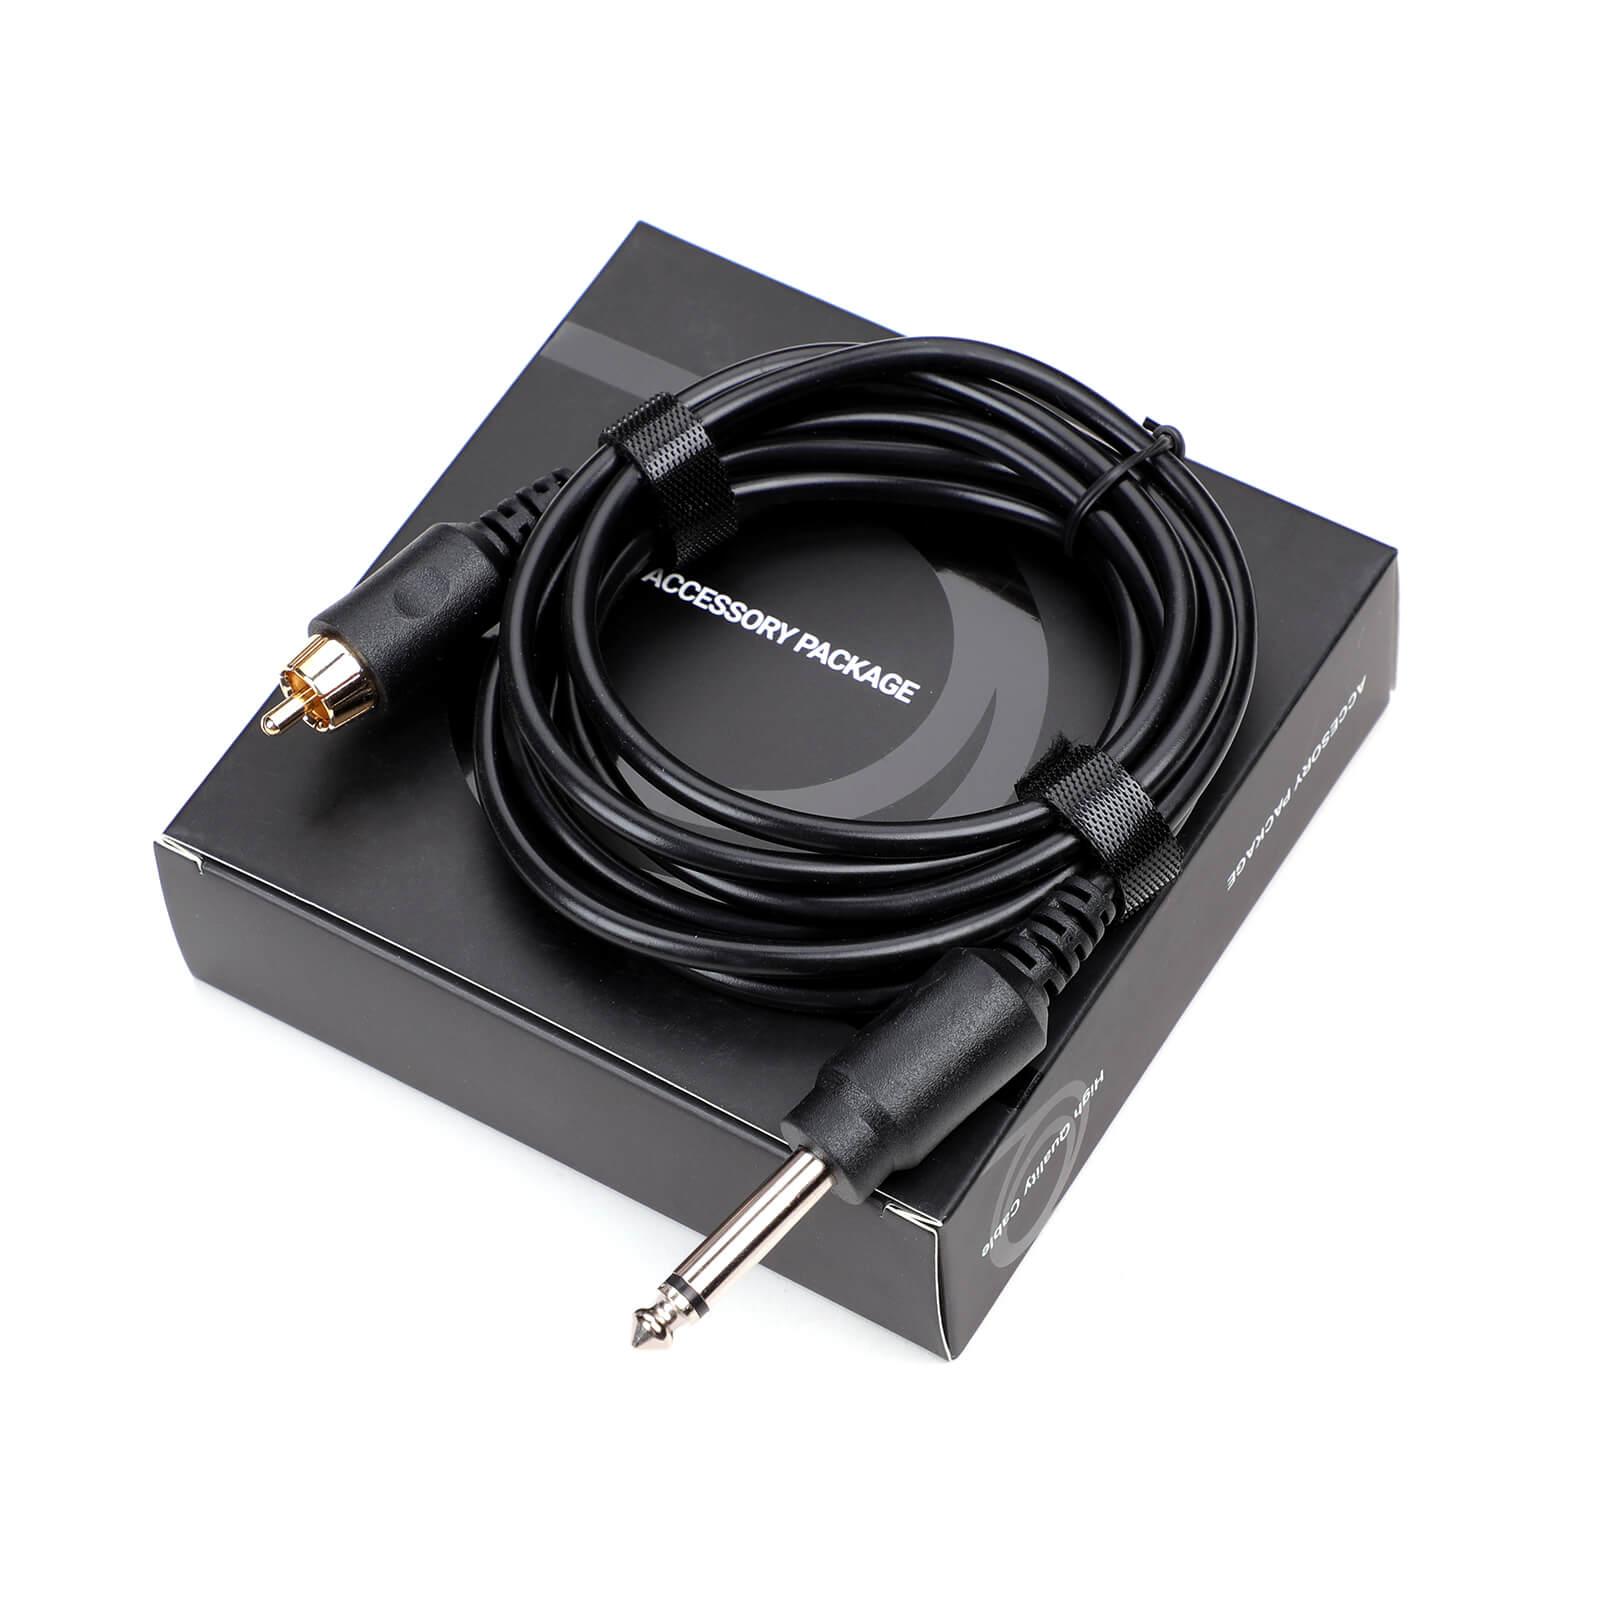 P351B rca clip cord